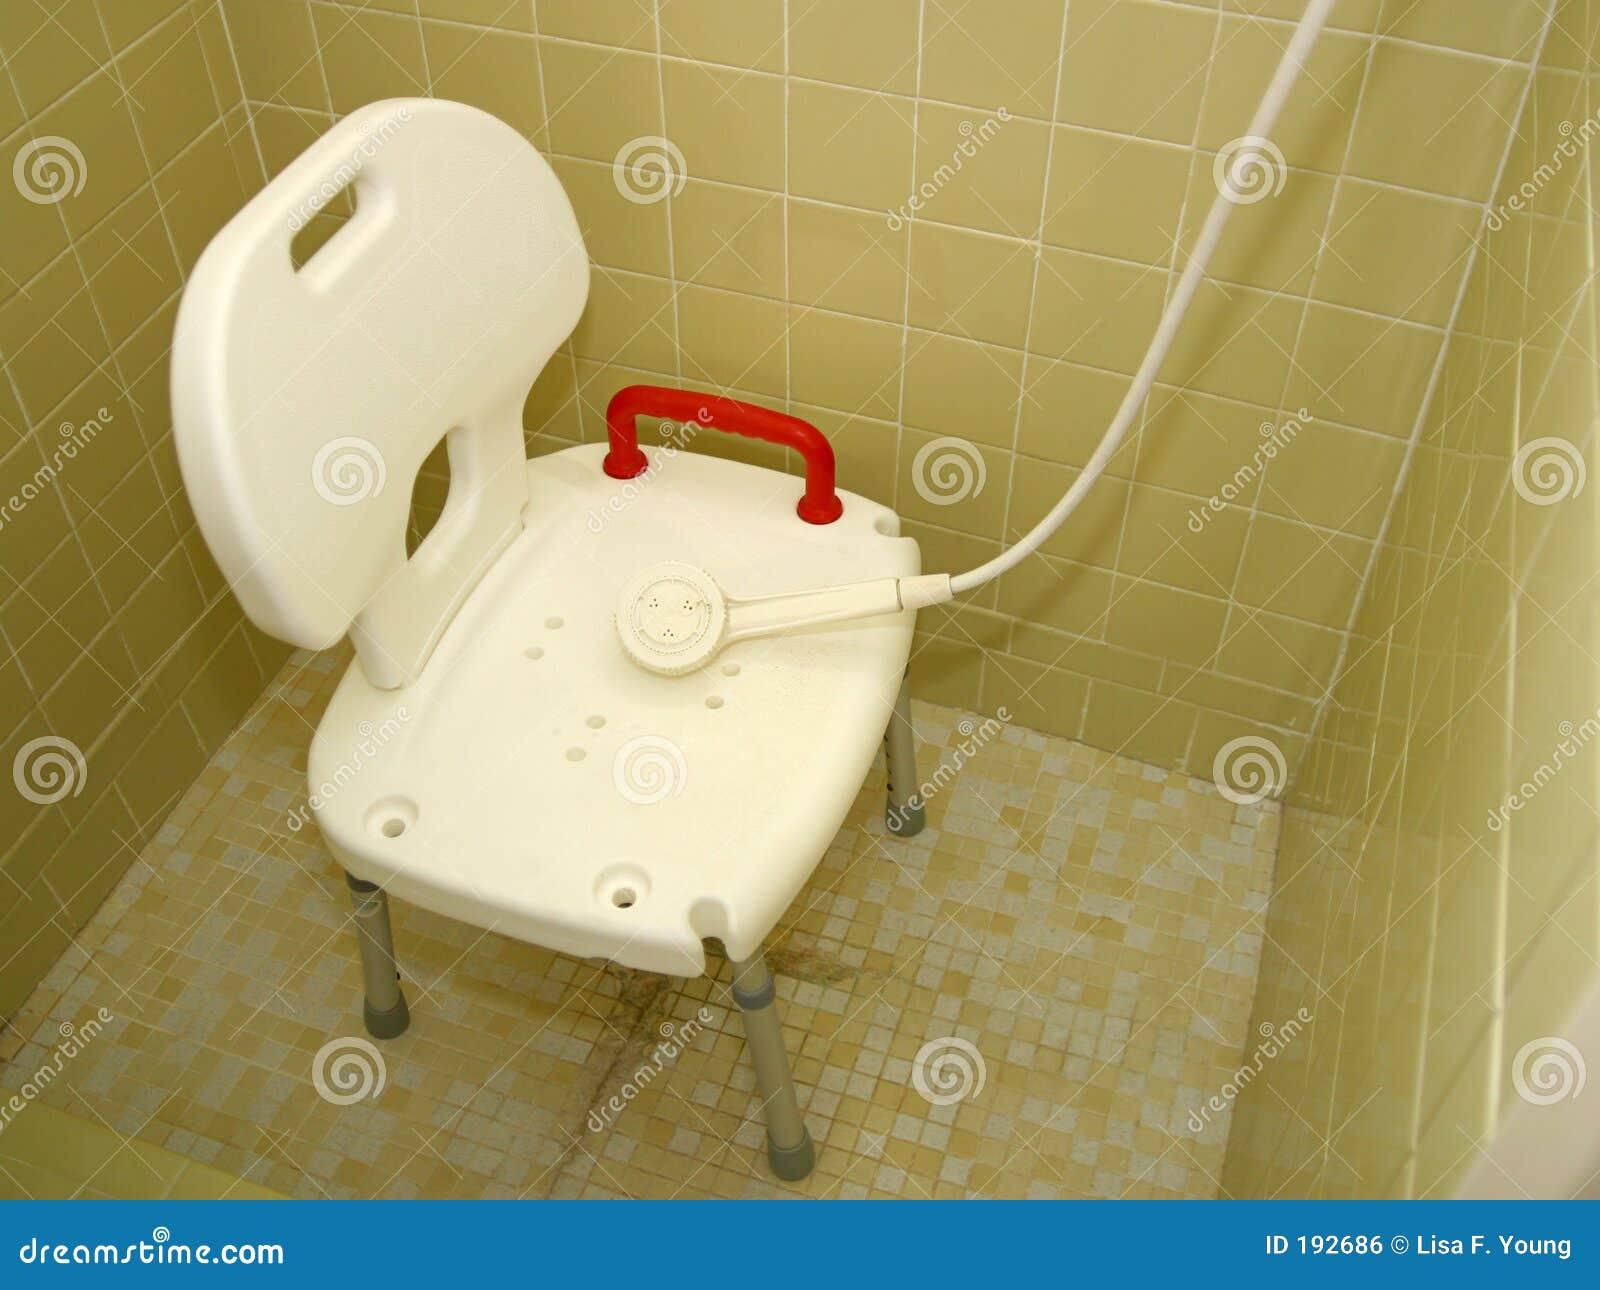 medizinischer dusche stuhl 2 stockfoto bild von teildienst wiederanlauf 192686. Black Bedroom Furniture Sets. Home Design Ideas